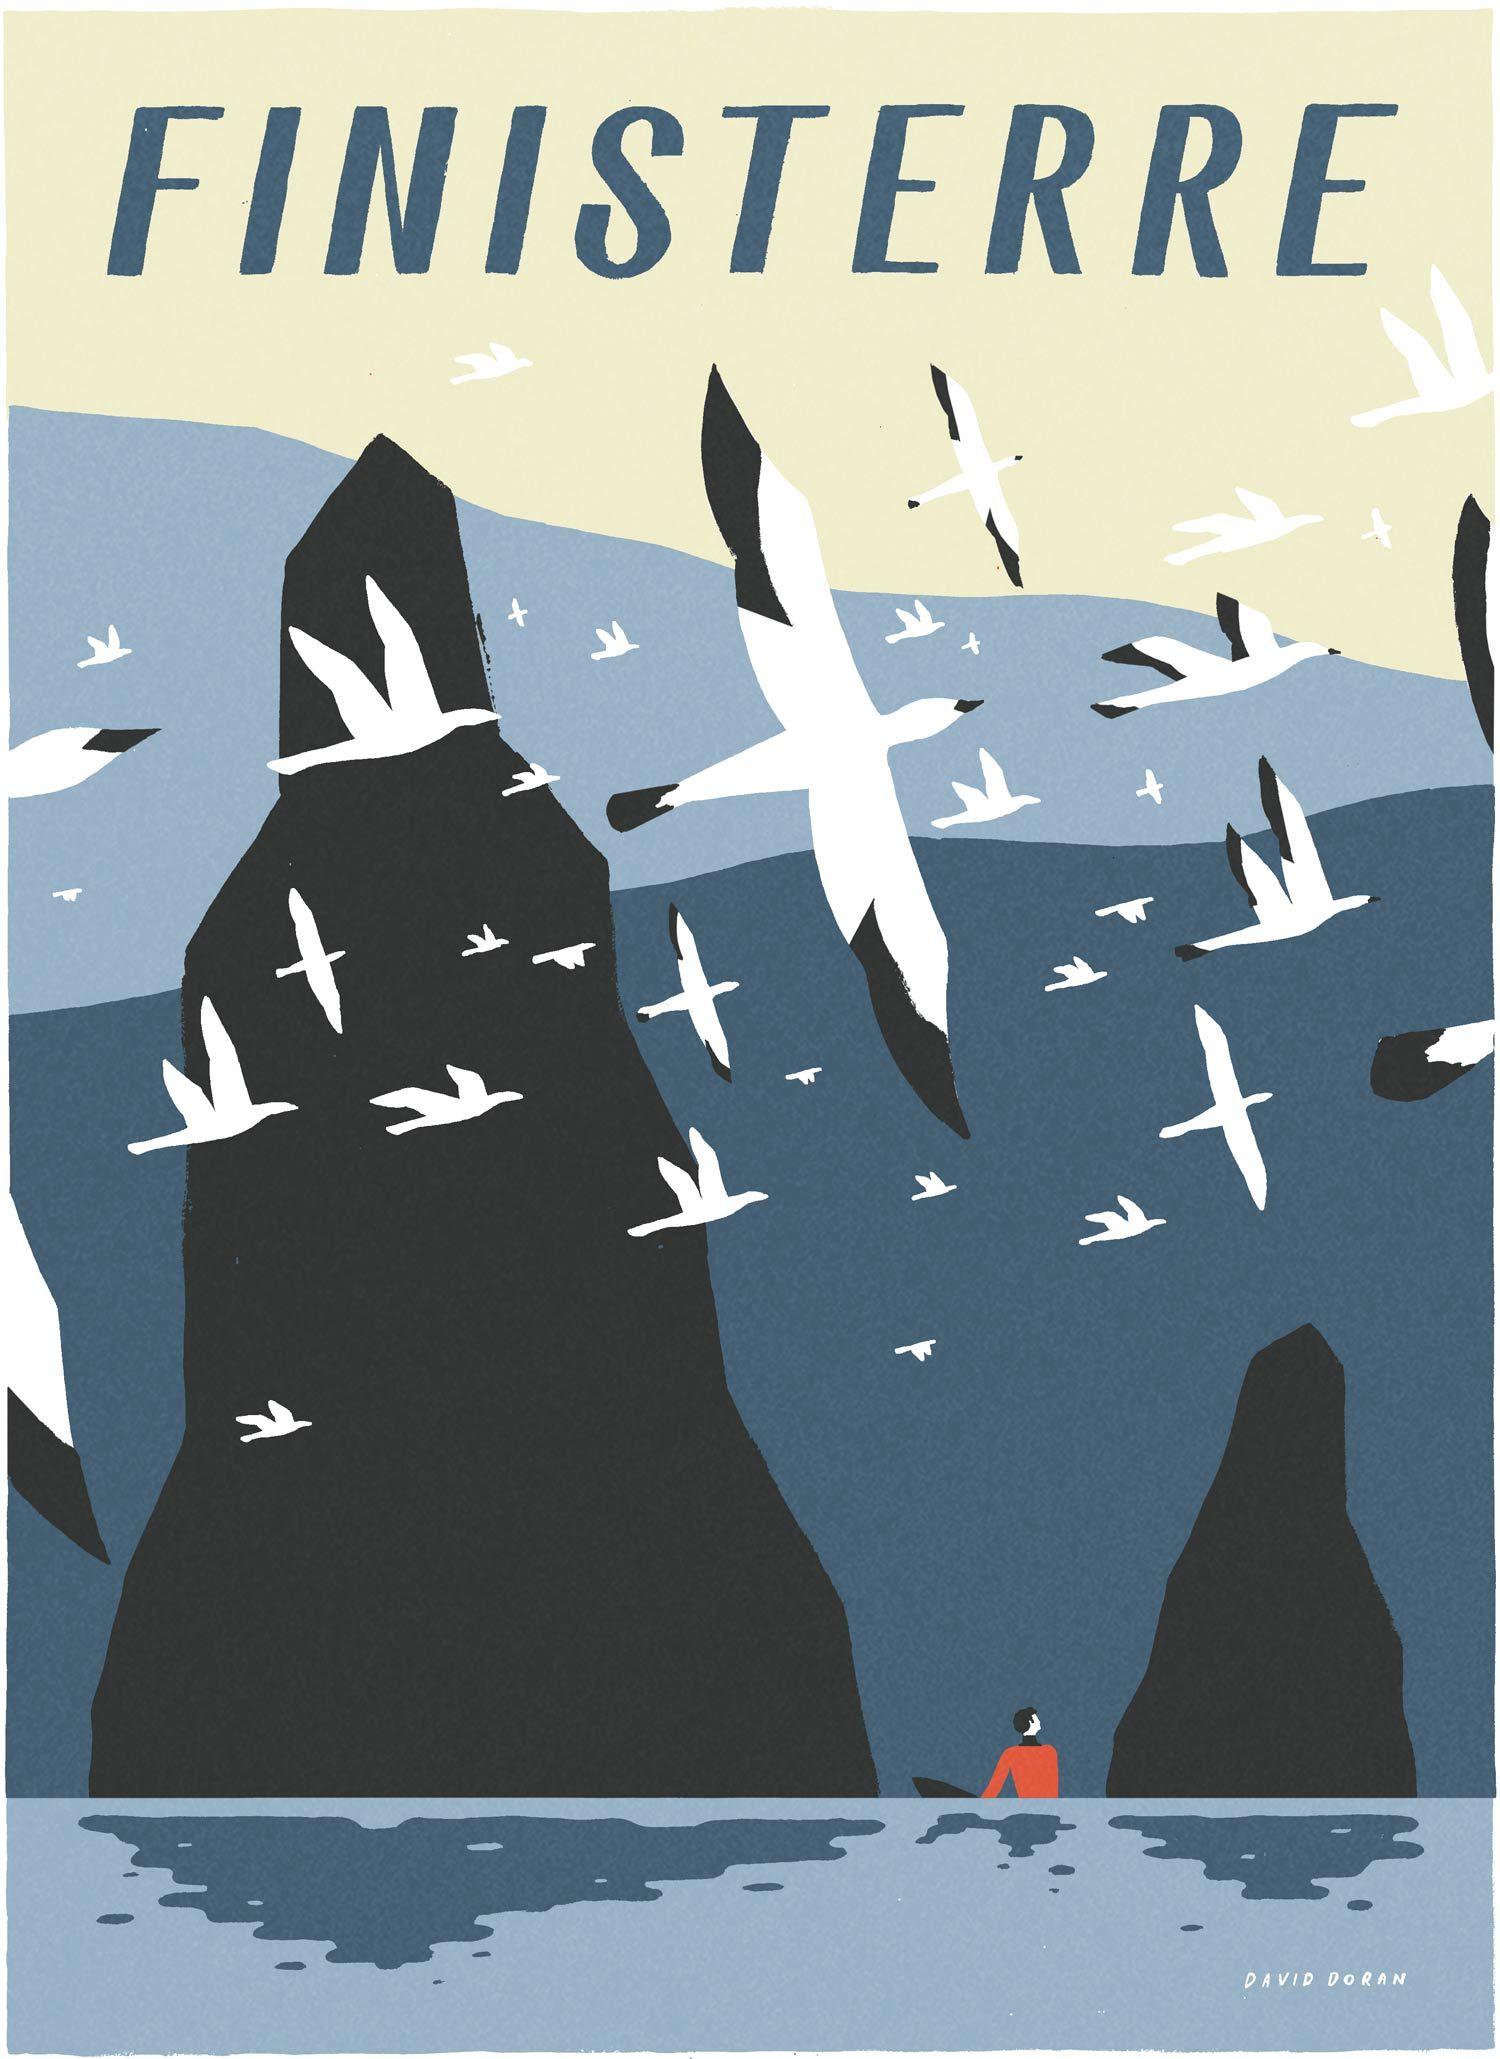 David Doran trasforma idee in bellissime illustrazioni | Collater.al 16